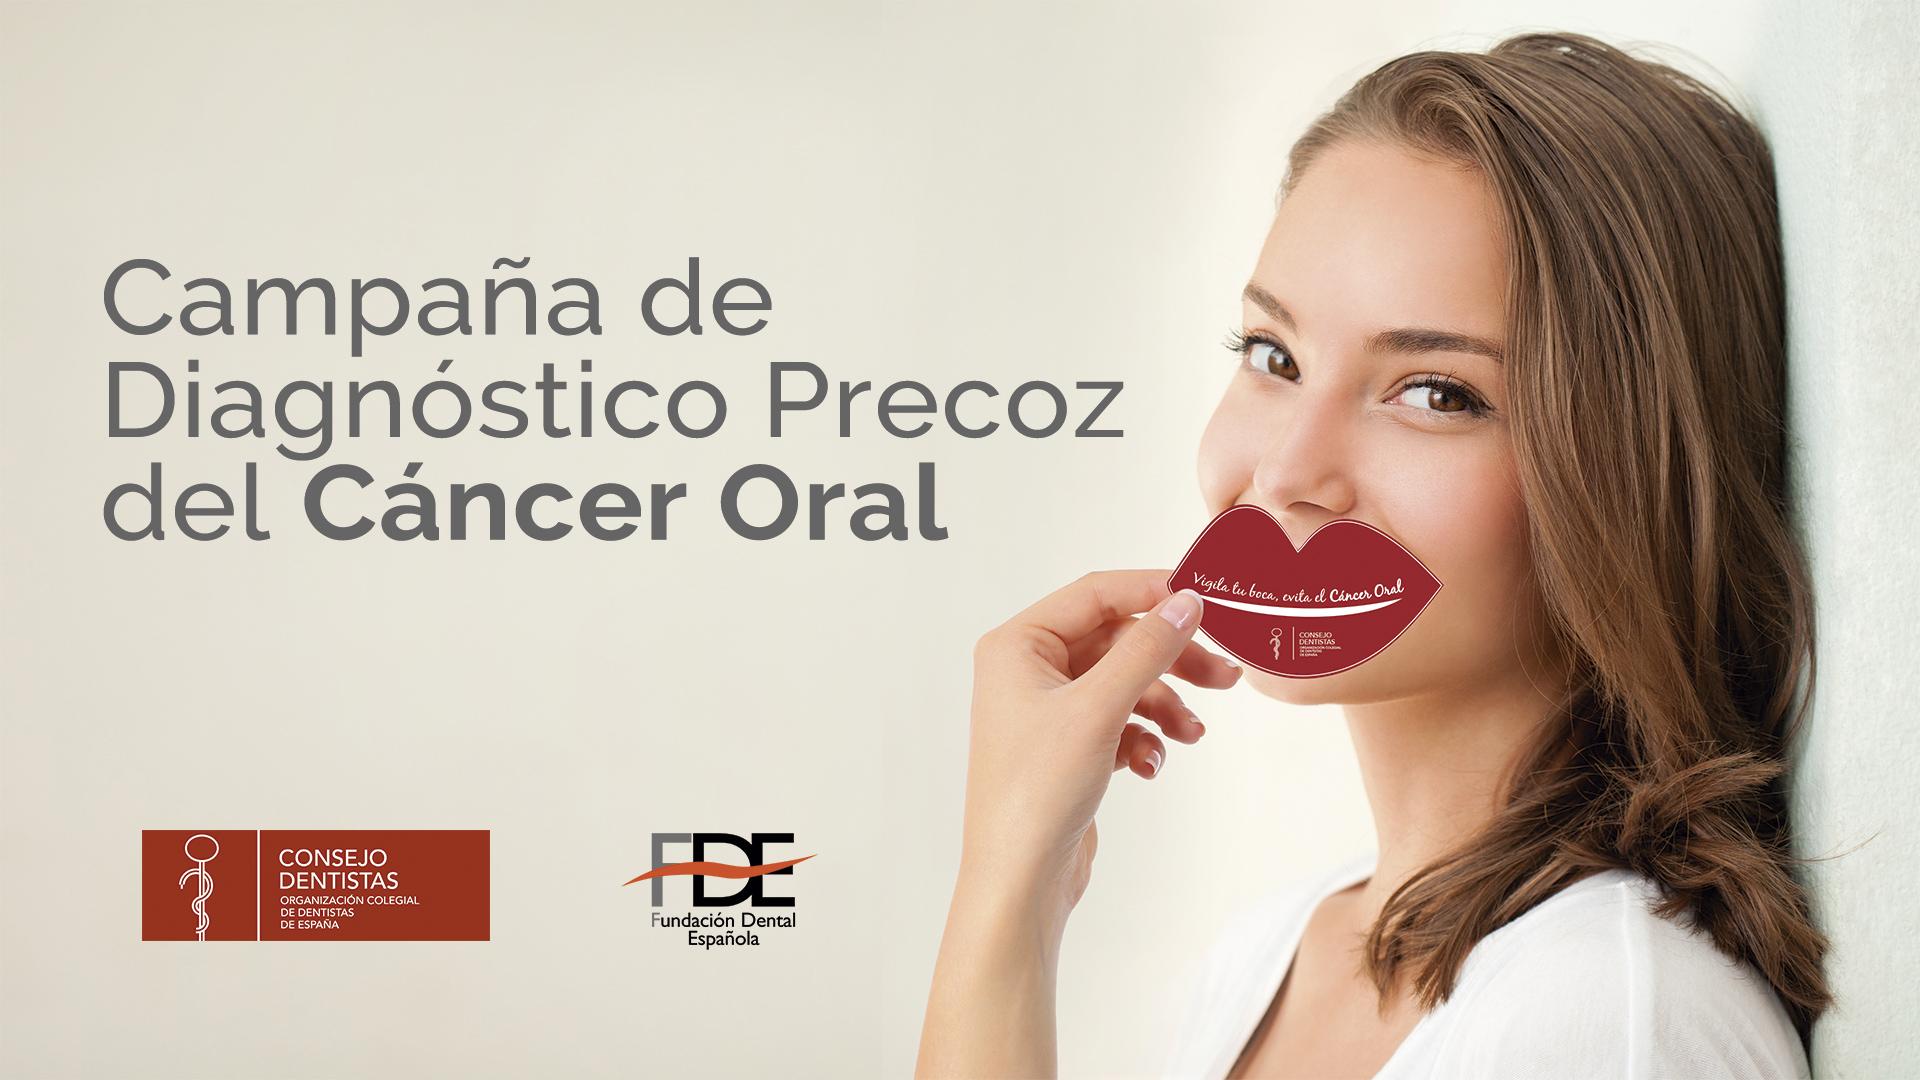 Finalizó La Campaña De Cáncer Oral En La Que Participaron 80 Clínicas De Pontevedra Y Ourense